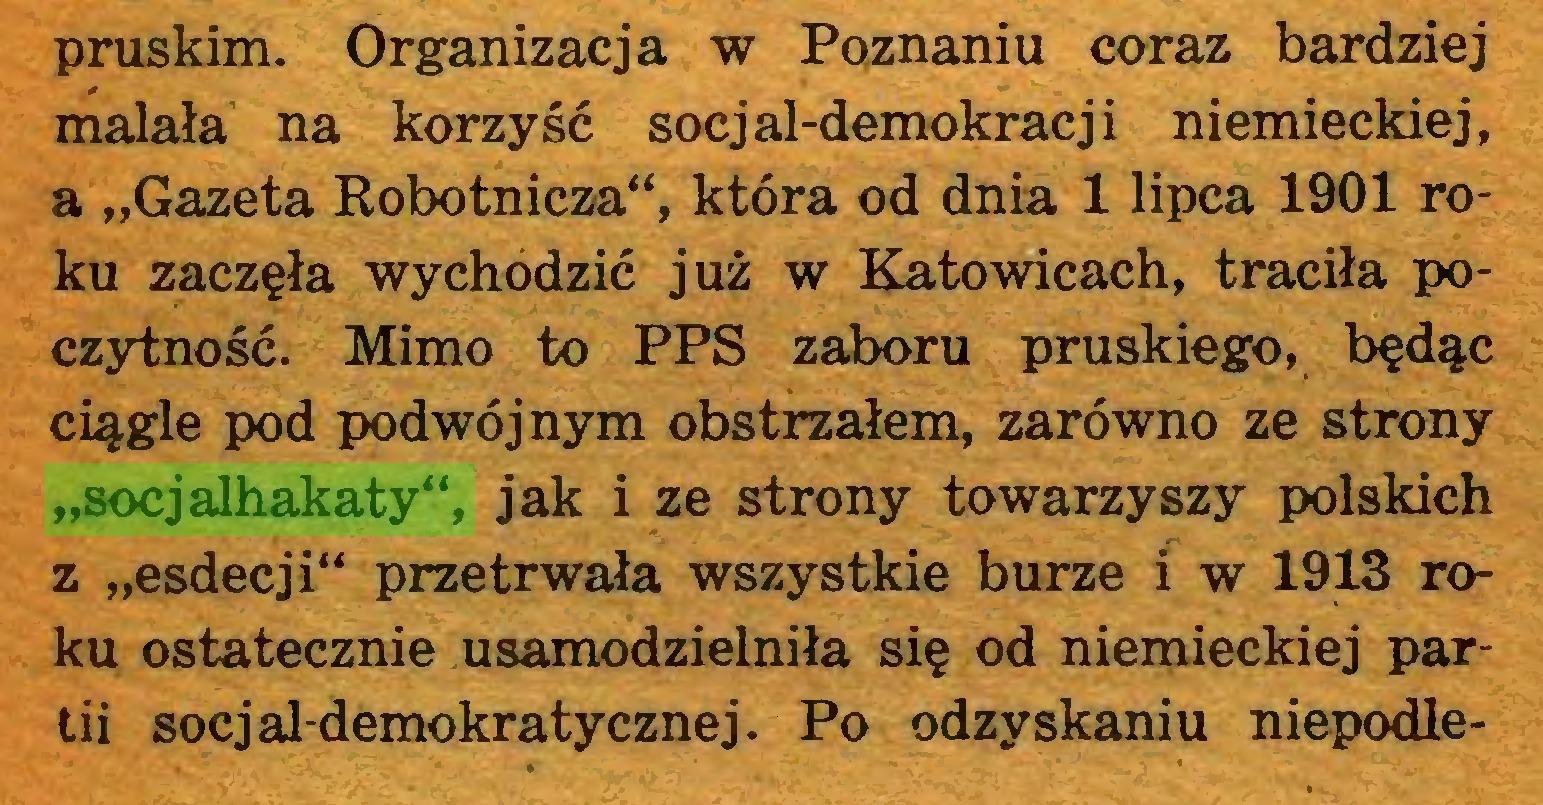 """(...) pruskim. Organizacja w Poznaniu coraz bardziej malała na korzyść socjal-demokracji niemieckiej, a """"Gazeta Robotnicza"""", która od dnia 1 lipca 1901 roku zaczęła wychodzić już w Katowicach, traciła poczytność. Mimo to PPS zaboru pruskiego, będąc ciągle pod podwójnym obstrzałem, zarówno ze strony """"socjalhakaty"""", jak i ze strony towarzyszy polskich z """"esdecji"""" przetrwała wszystkie burze i w 1913 roku ostatecznie usamodzielniła się od niemieckiej partii socjaldemokratycznej. Po odzyskaniu niepodle..."""